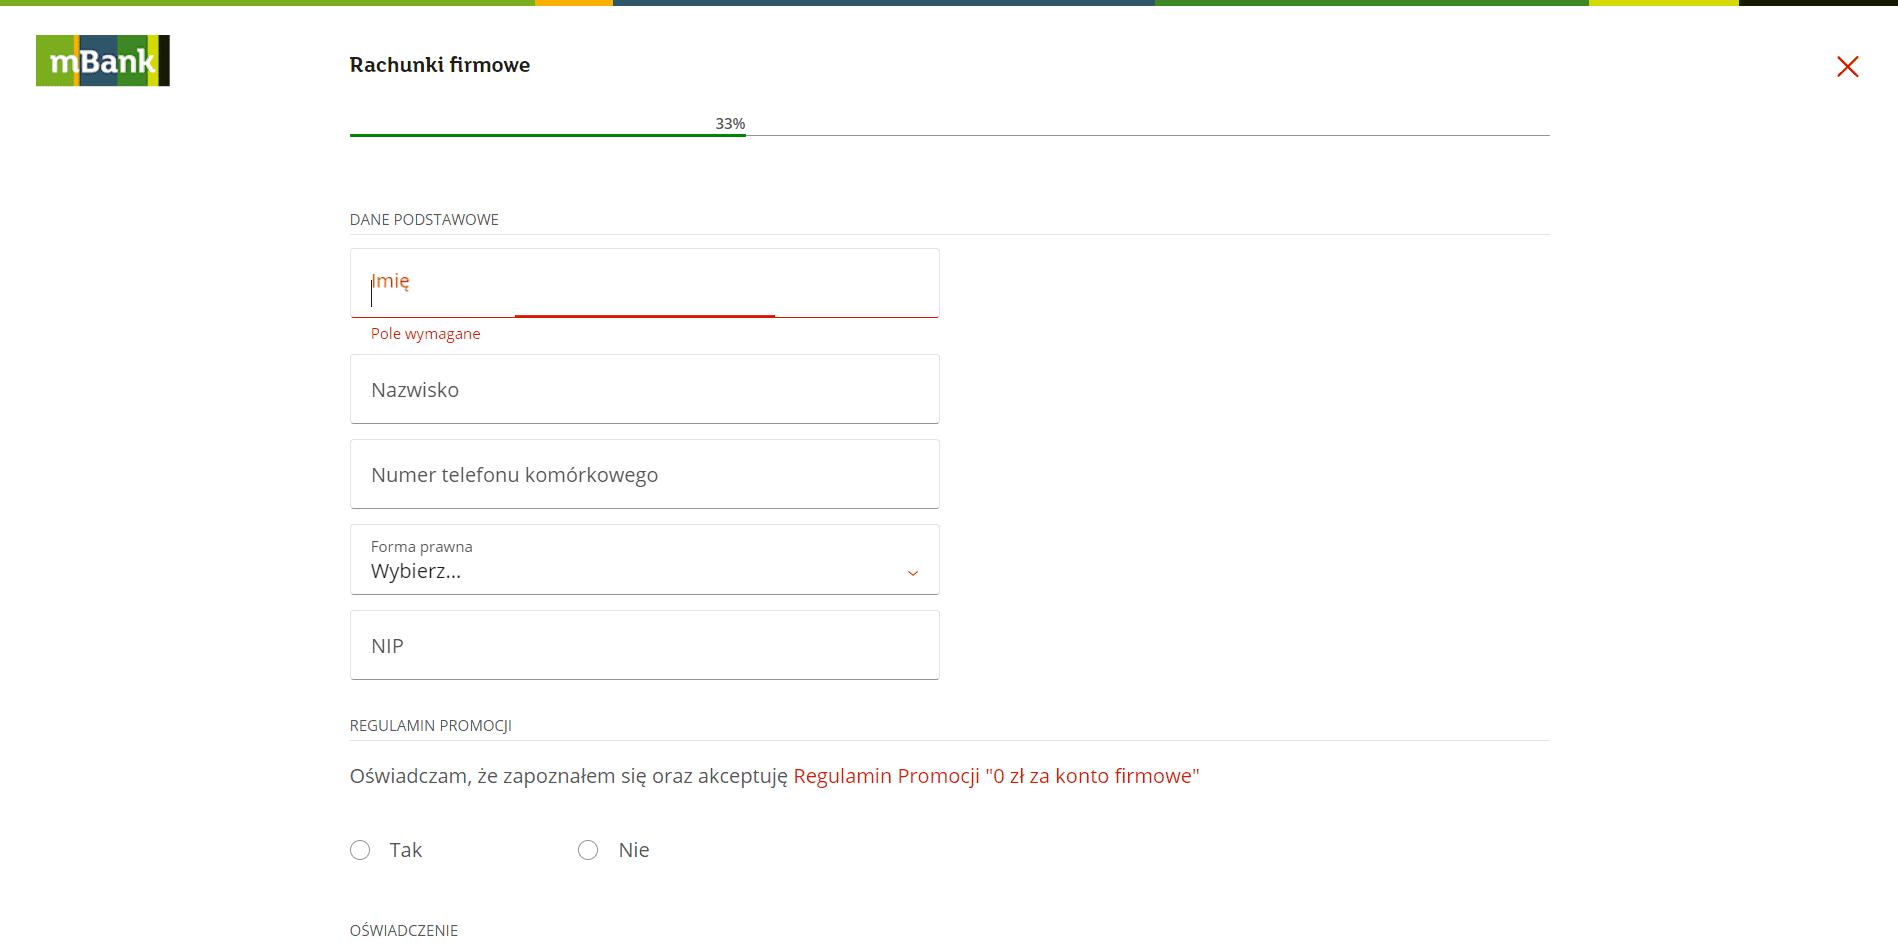 Zakładanie konta firmowego mBank - krok 2